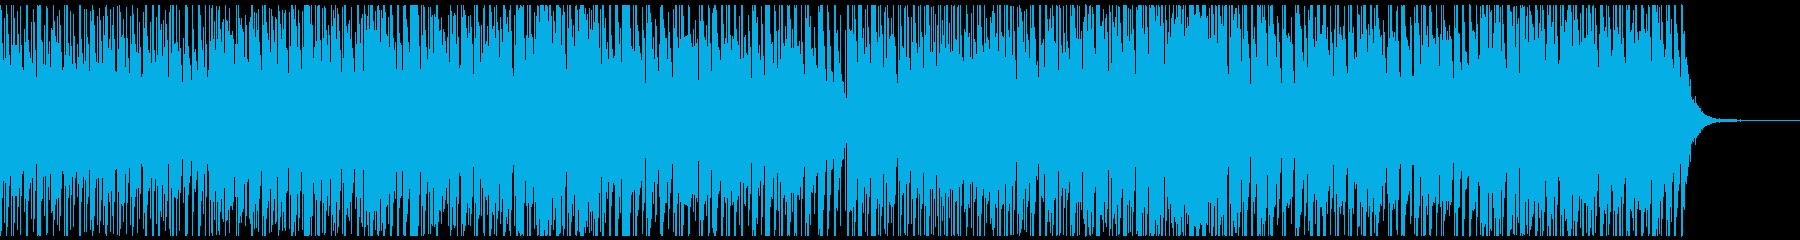 日本の夜祭りをイメージしたBGMの再生済みの波形